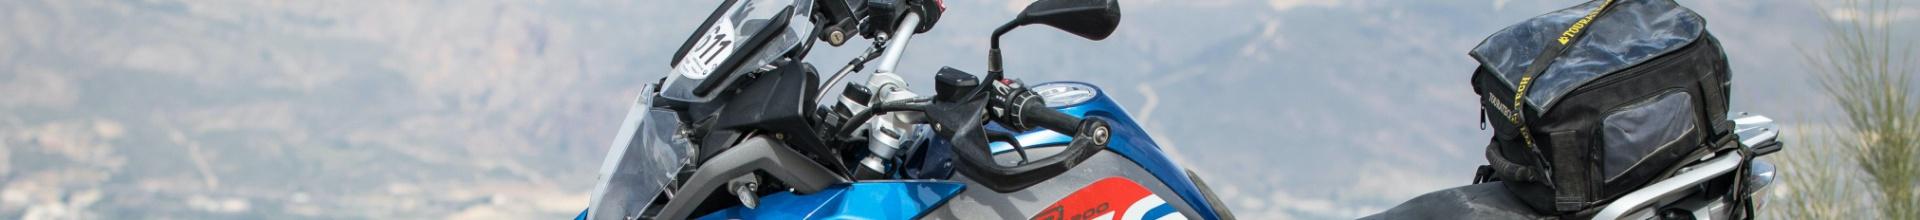 RMA & K-moto Motokemp 3 12. - 13.10.2021